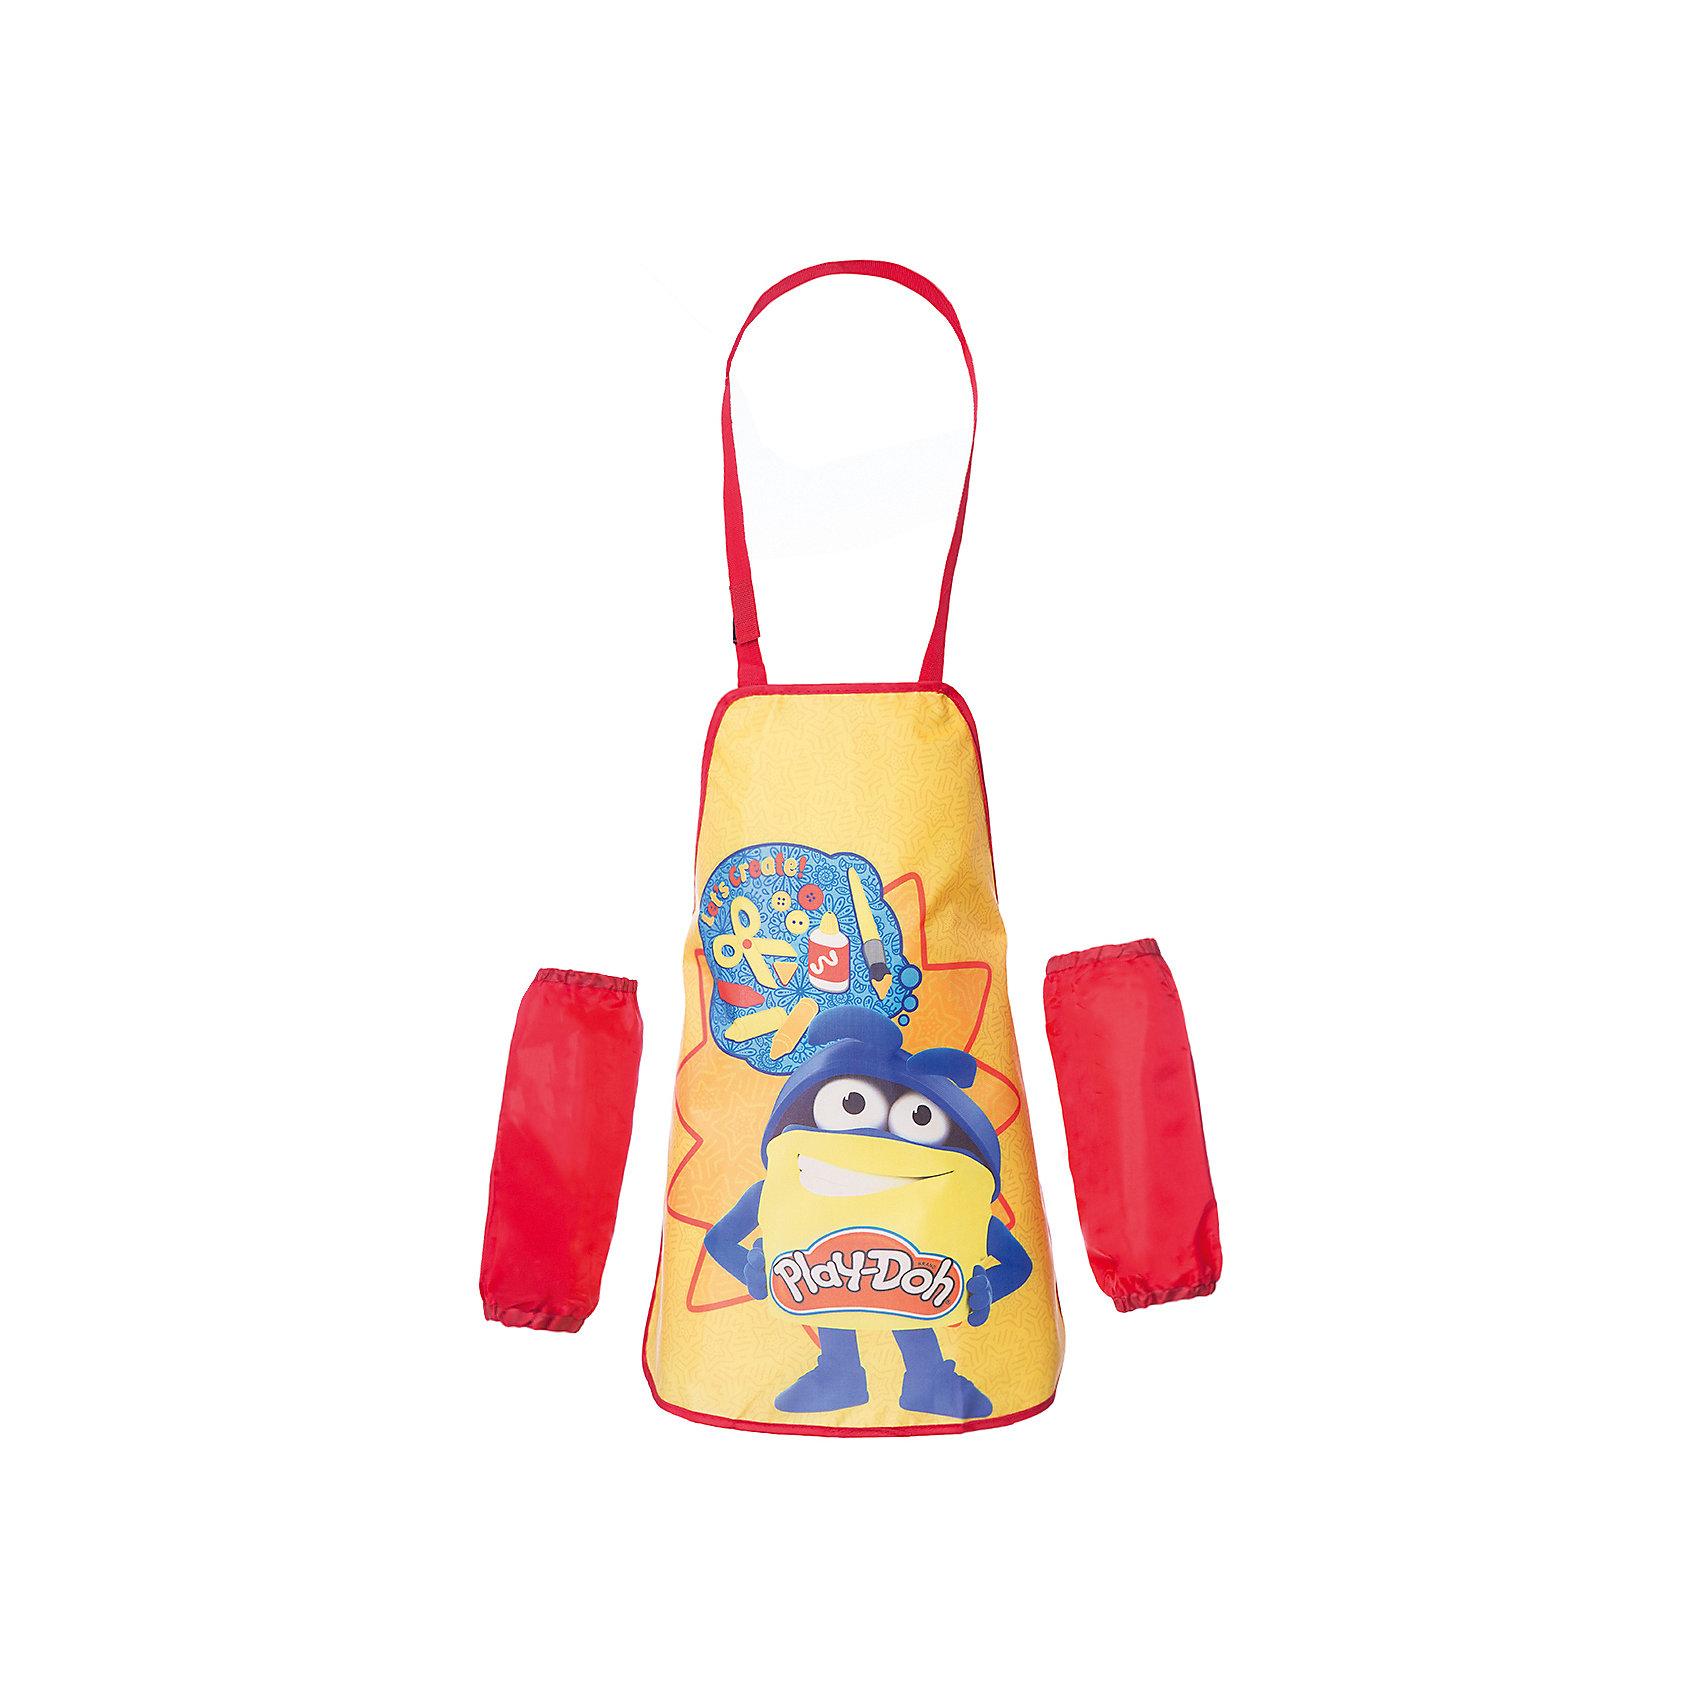 Фартук для творческих занятий, Play-DohРисование и лепка<br>Фартук, Play-Doh, замечательно подойдет для занятий творчеством или школьных уроков труда, благодаря ему одежда ребенка останется всегда чистой и аккуратной. У фартука удобный покрой, не стесняющий движений ребенка, завязывается с помощью регулируемых лямок на<br>шее и на талии. Фартук выполнен из водостойкого прочного материала яркой расцветки и украшен забавным рисунком. В комплект также входят нарукавники из плащевой ткани. Они фиксируются резинками сверху и снизу.<br><br><br>Дополнительная информация:<br><br>- Материал: полиэстер. <br>- Размер фартука: 51 х 44 см.<br>- Размер нарукавника: 11 х 25 см.<br>- Размер упаковки: 16,5 х 0,5 х 27 см.<br>- Вес: 75 гр.<br><br>Фартук для творческих занятий, Play-Doh, можно купить в нашем интернет-магазине.<br><br>Ширина мм: 5<br>Глубина мм: 165<br>Высота мм: 270<br>Вес г: 75<br>Возраст от месяцев: 36<br>Возраст до месяцев: 72<br>Пол: Унисекс<br>Возраст: Детский<br>SKU: 4681176